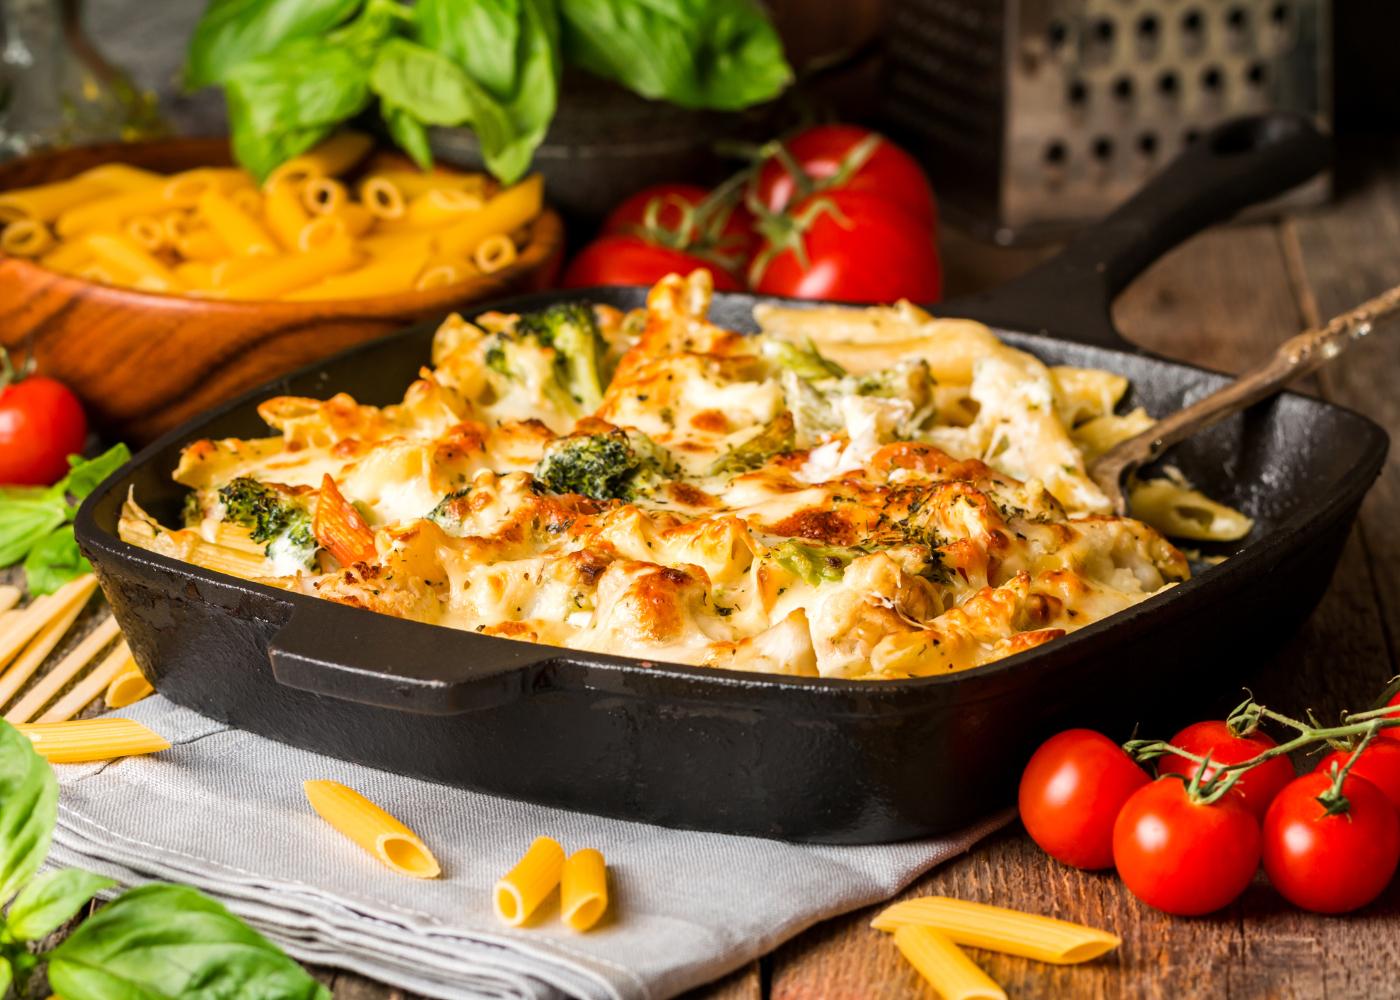 massas gratinadas: do almoço rapido ao jantar especial